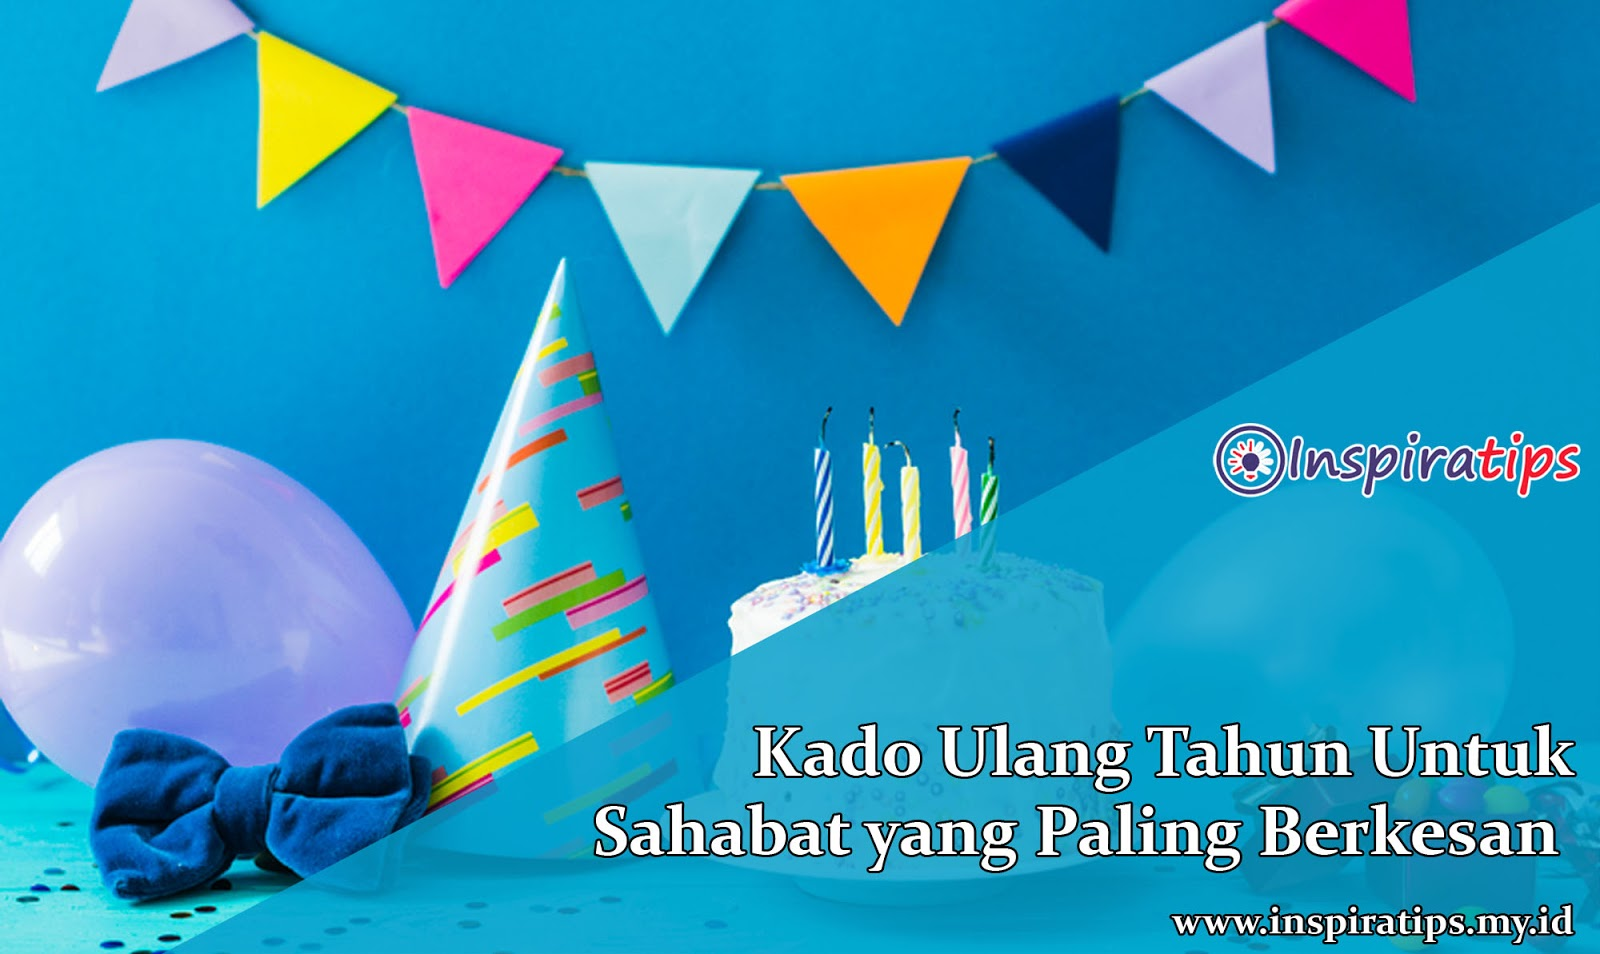 kado ulang tahun untuk sahabat